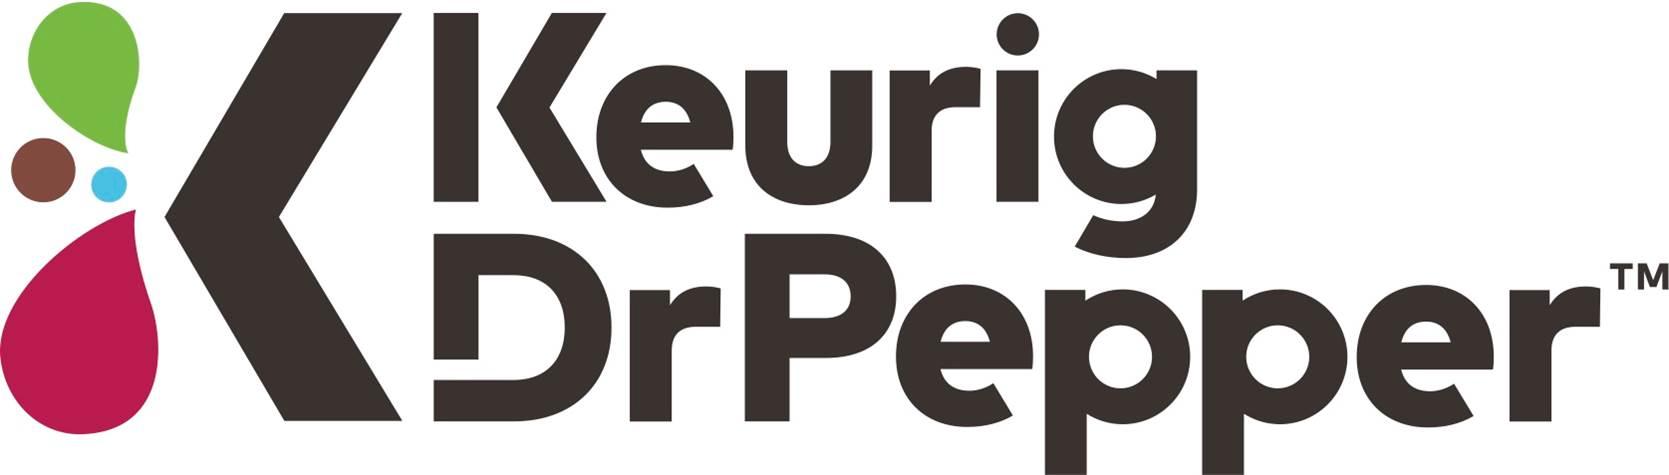 Keurig Dr Pepper logo on white background.